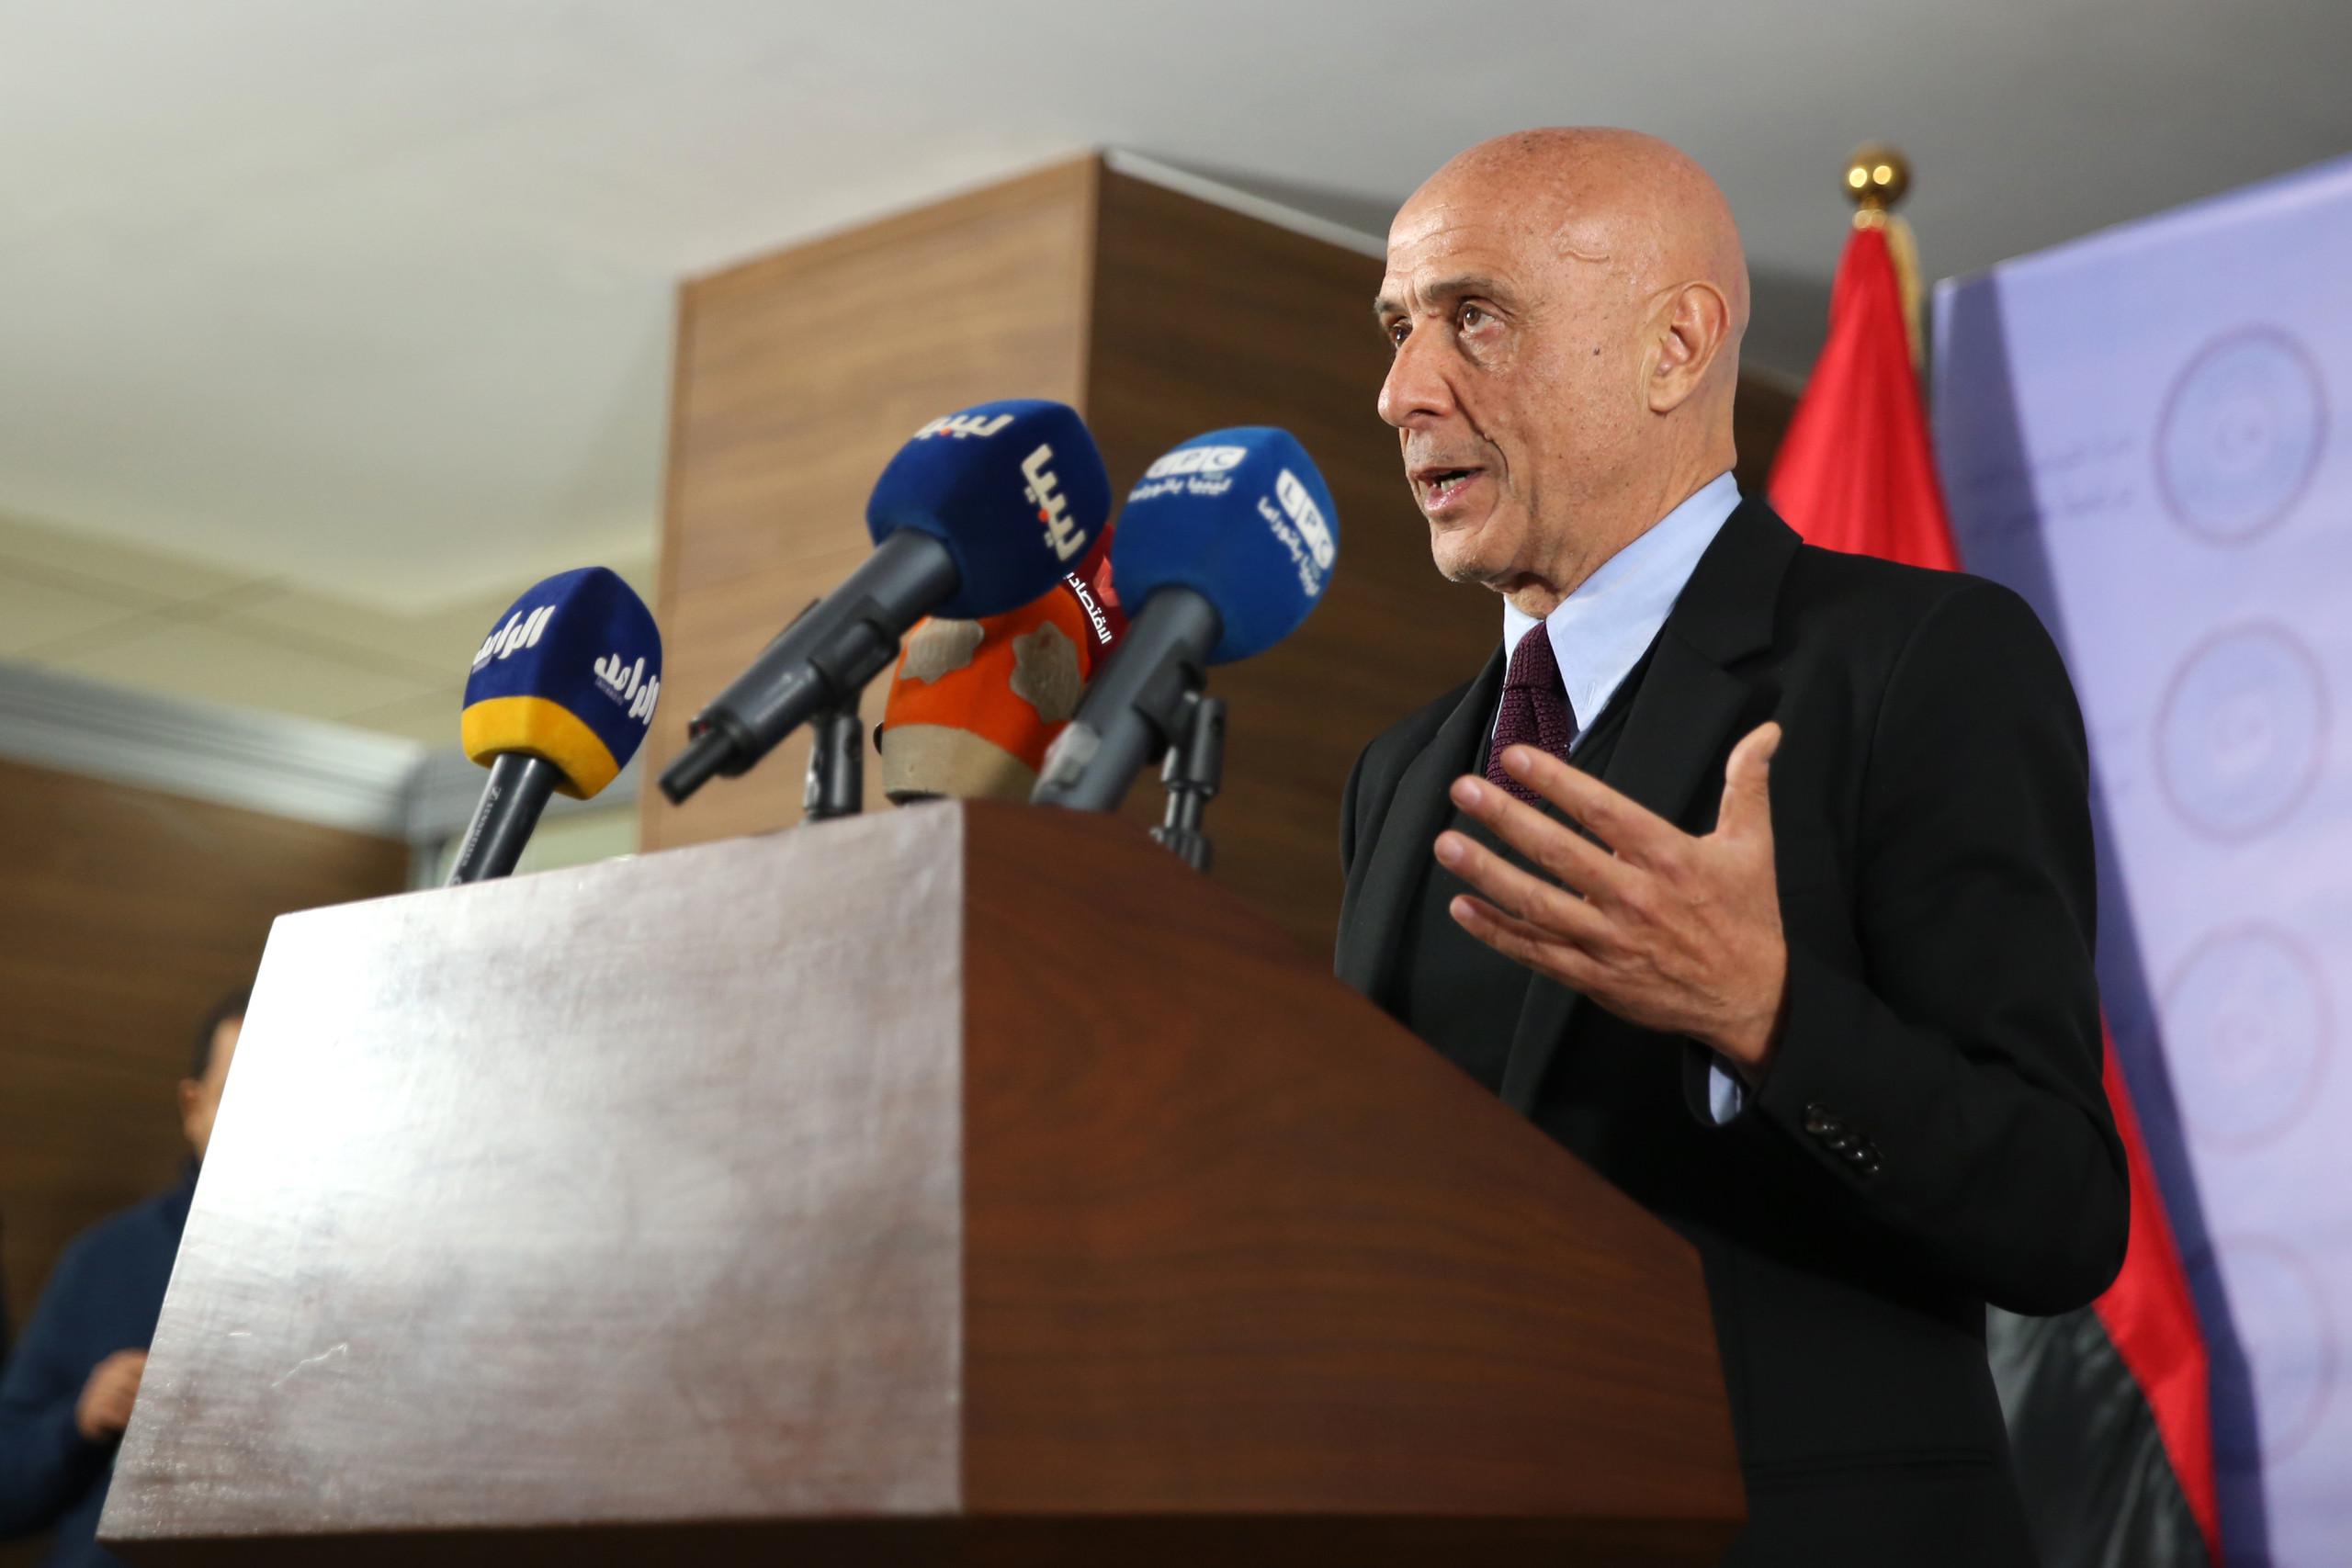 صورة وزير الداخلية الإيطالي: طلب السراج دعمنا البحري نقلة نوعية مهمة